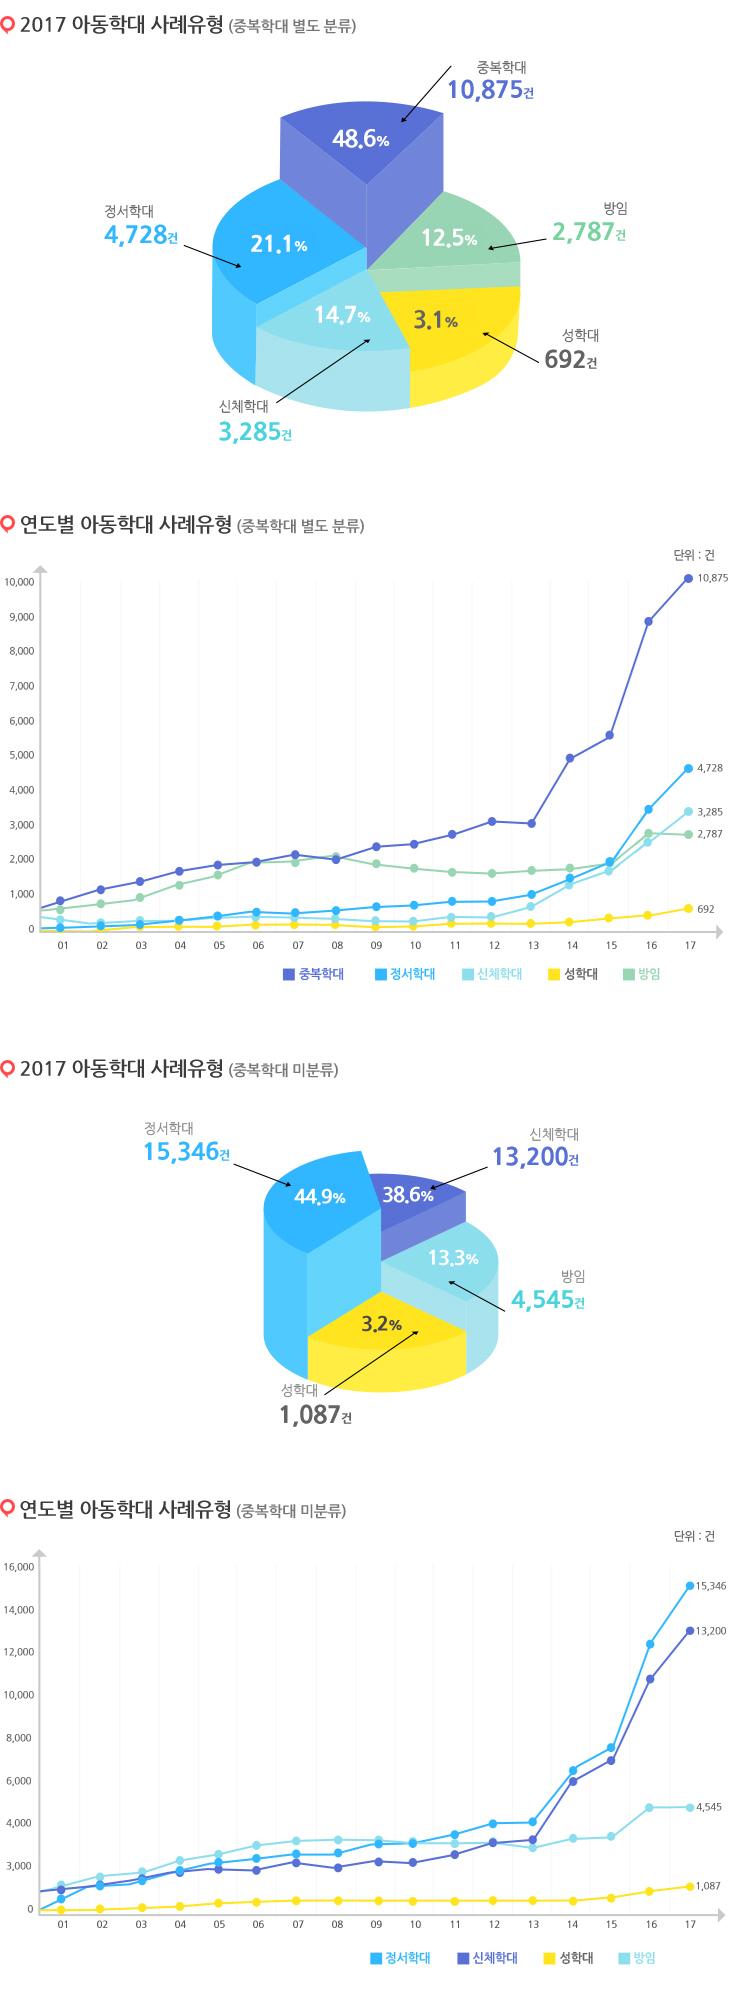 중복포함된 2016년 아동학대 사례유형을 나타낸 그래프